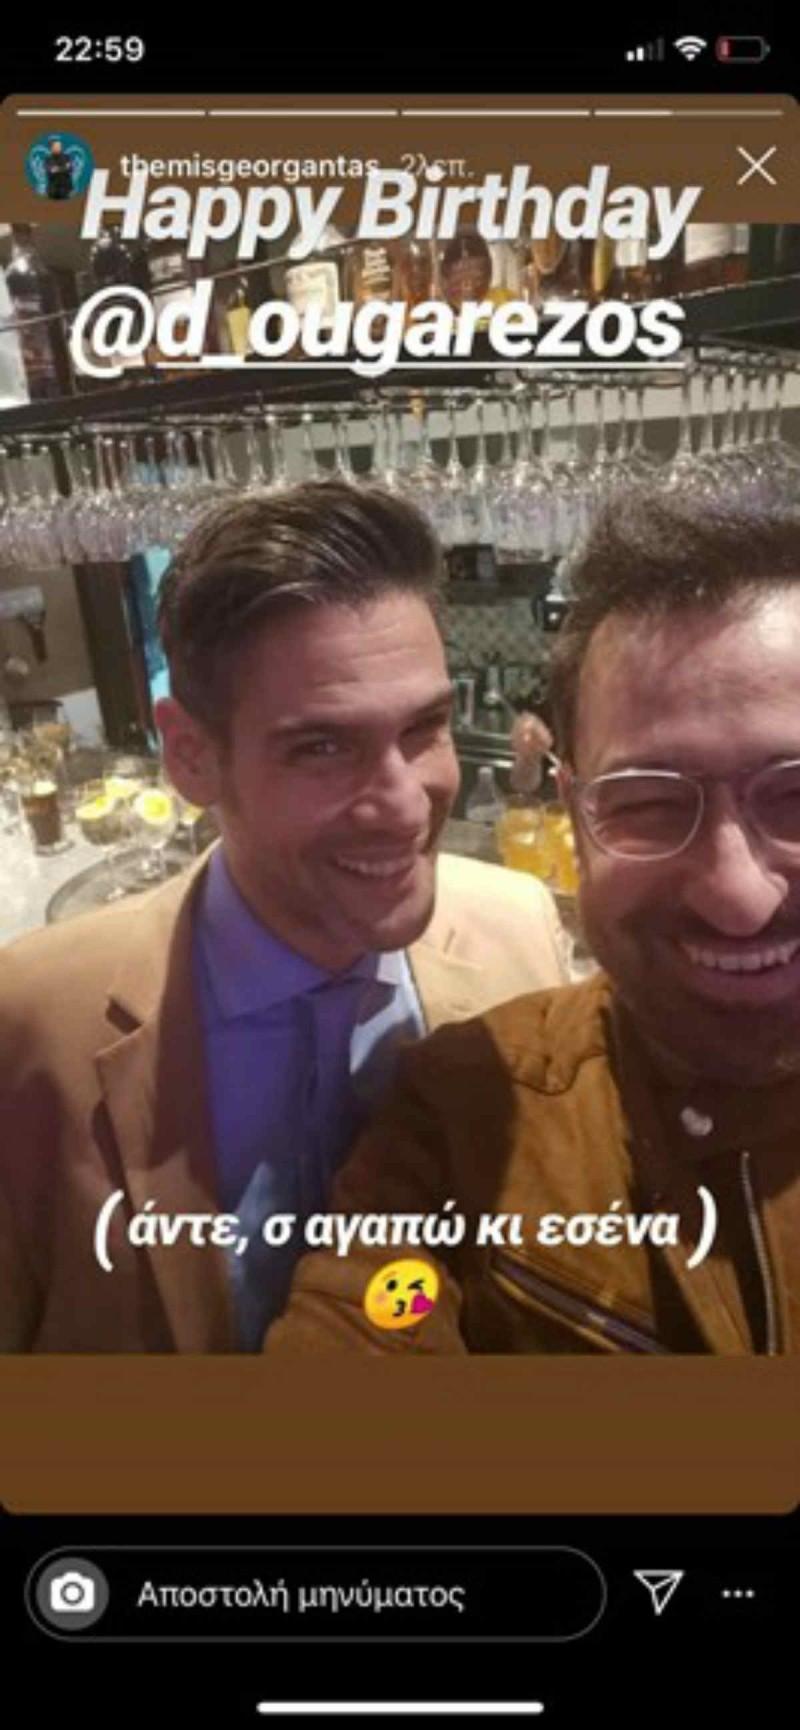 Φαίη Σκορδά πάρτι Δημήτρης Ουγγαρέζος